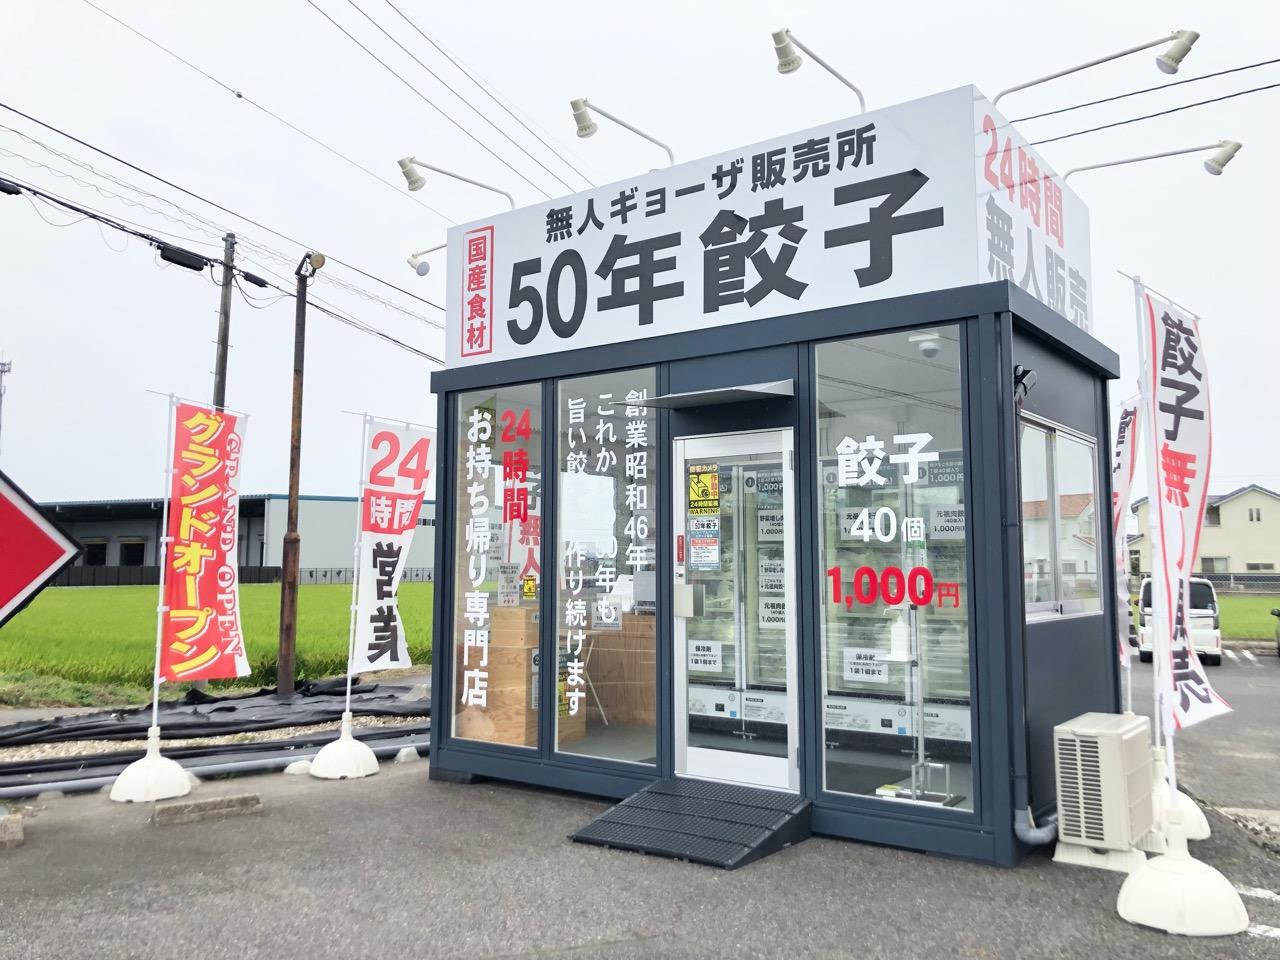 無人ギョーザ販売所「50年餃子」豊田福受店